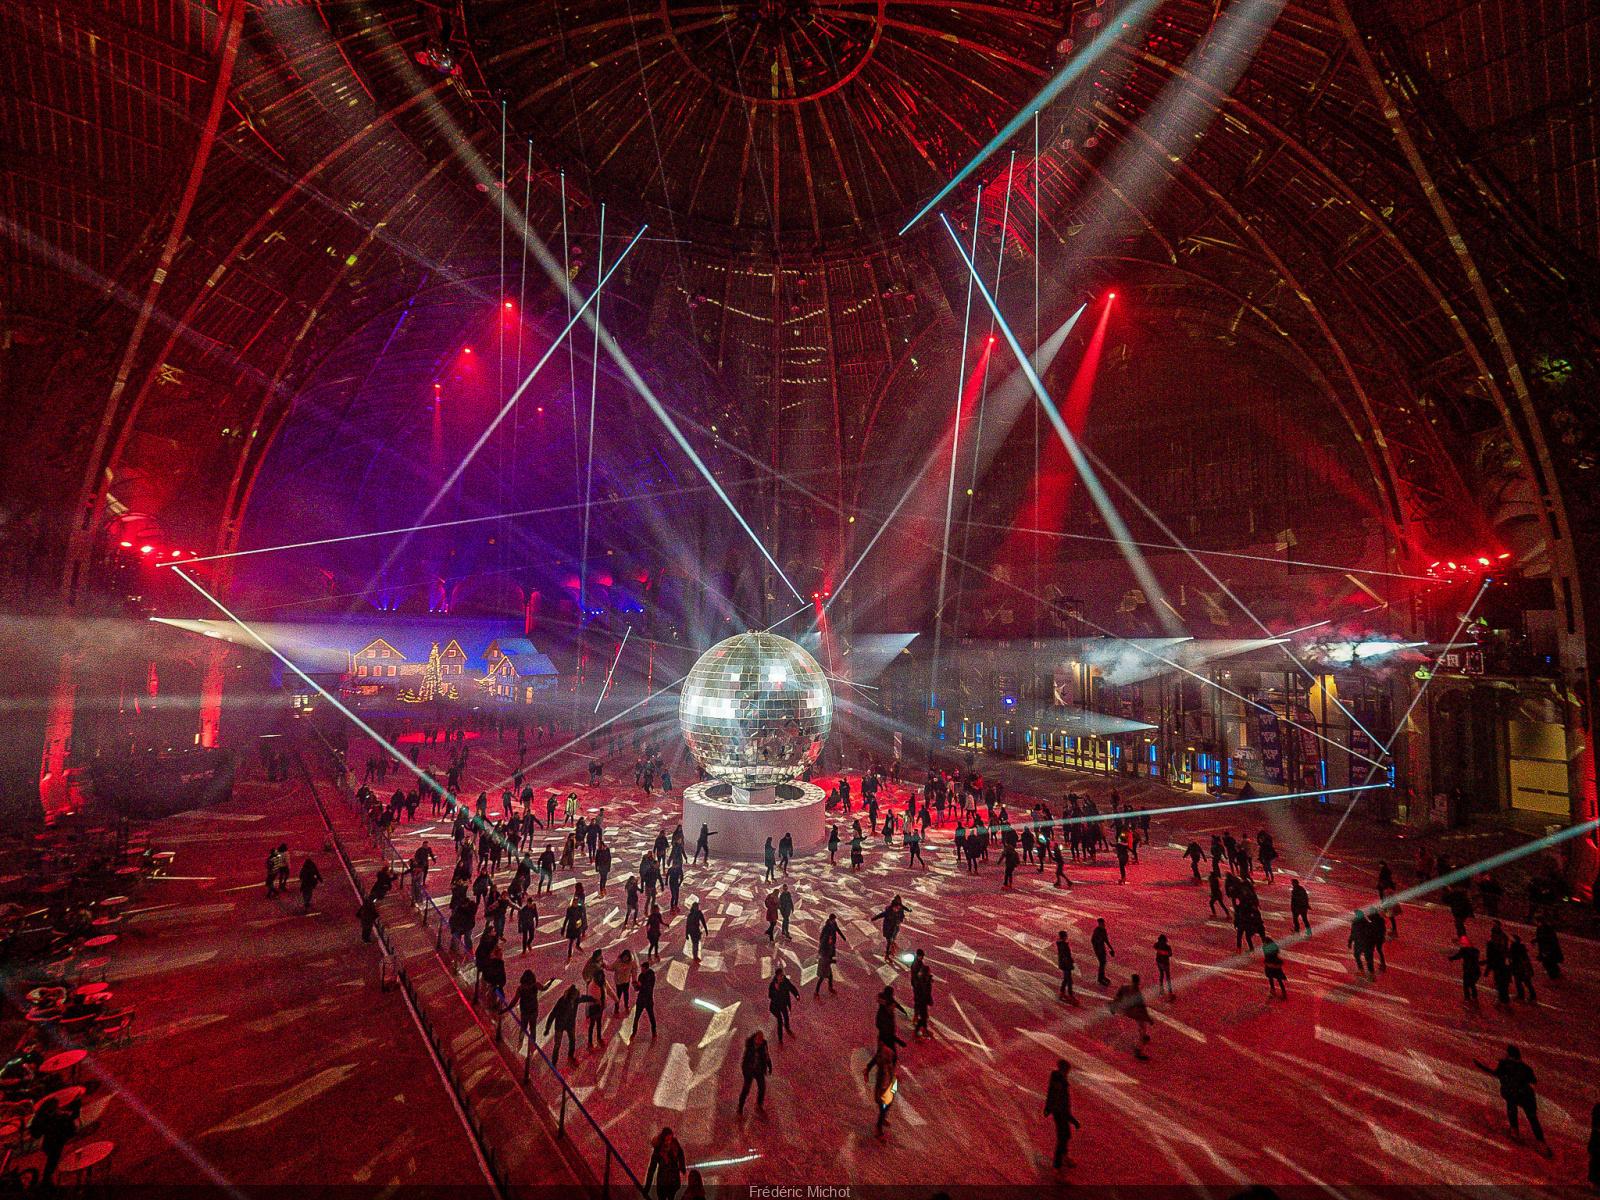 Le Grand Palais Des Glaces 2019 2020 La Patinoire Géante à Paris Derniers Jours Sortiraparis Com